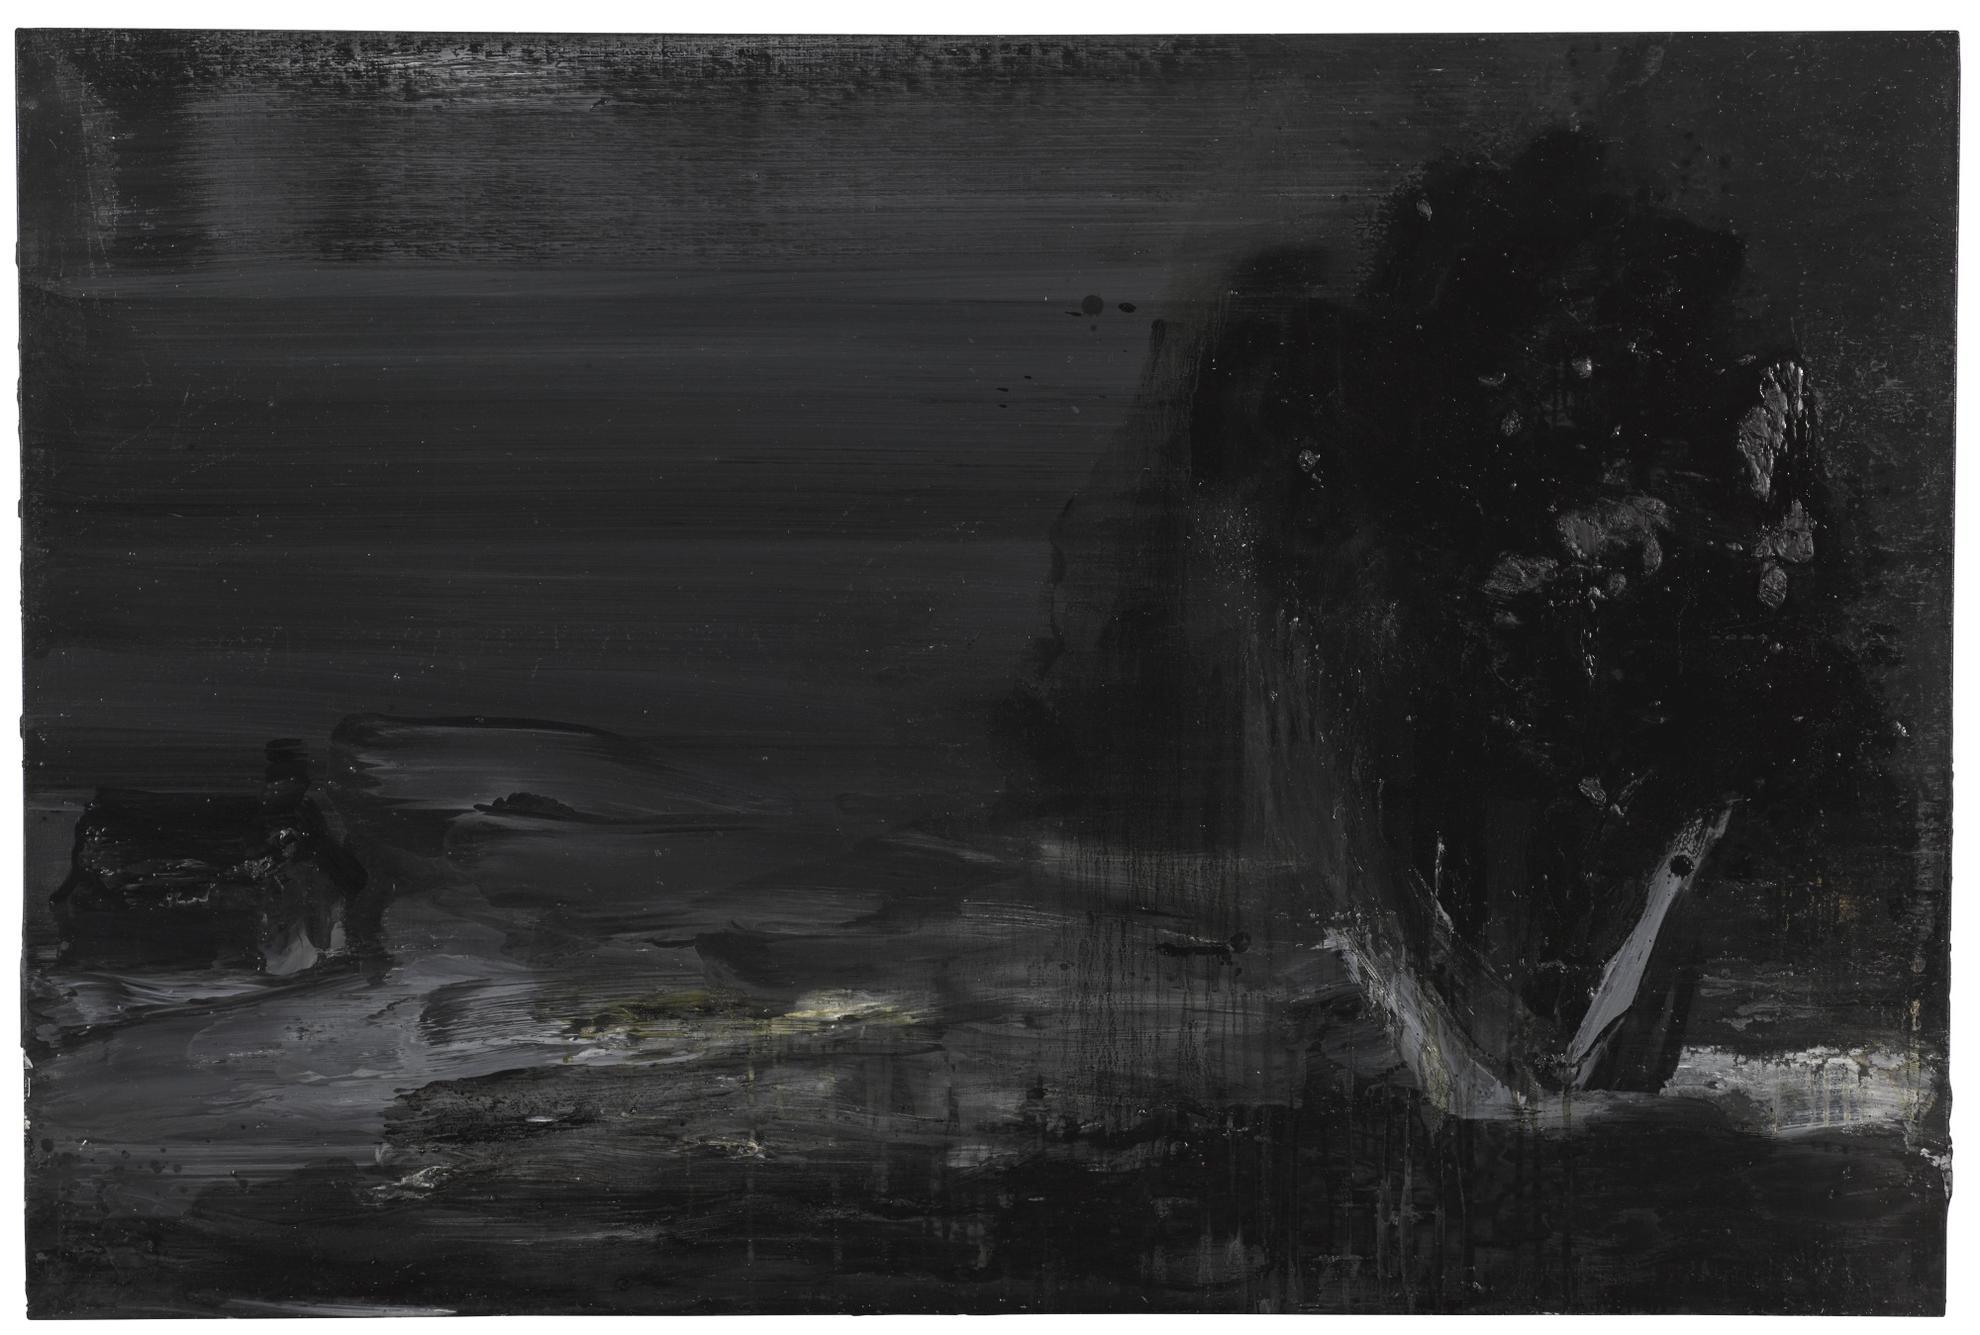 Yan Pei-Ming-International Landscape No. 6-1998